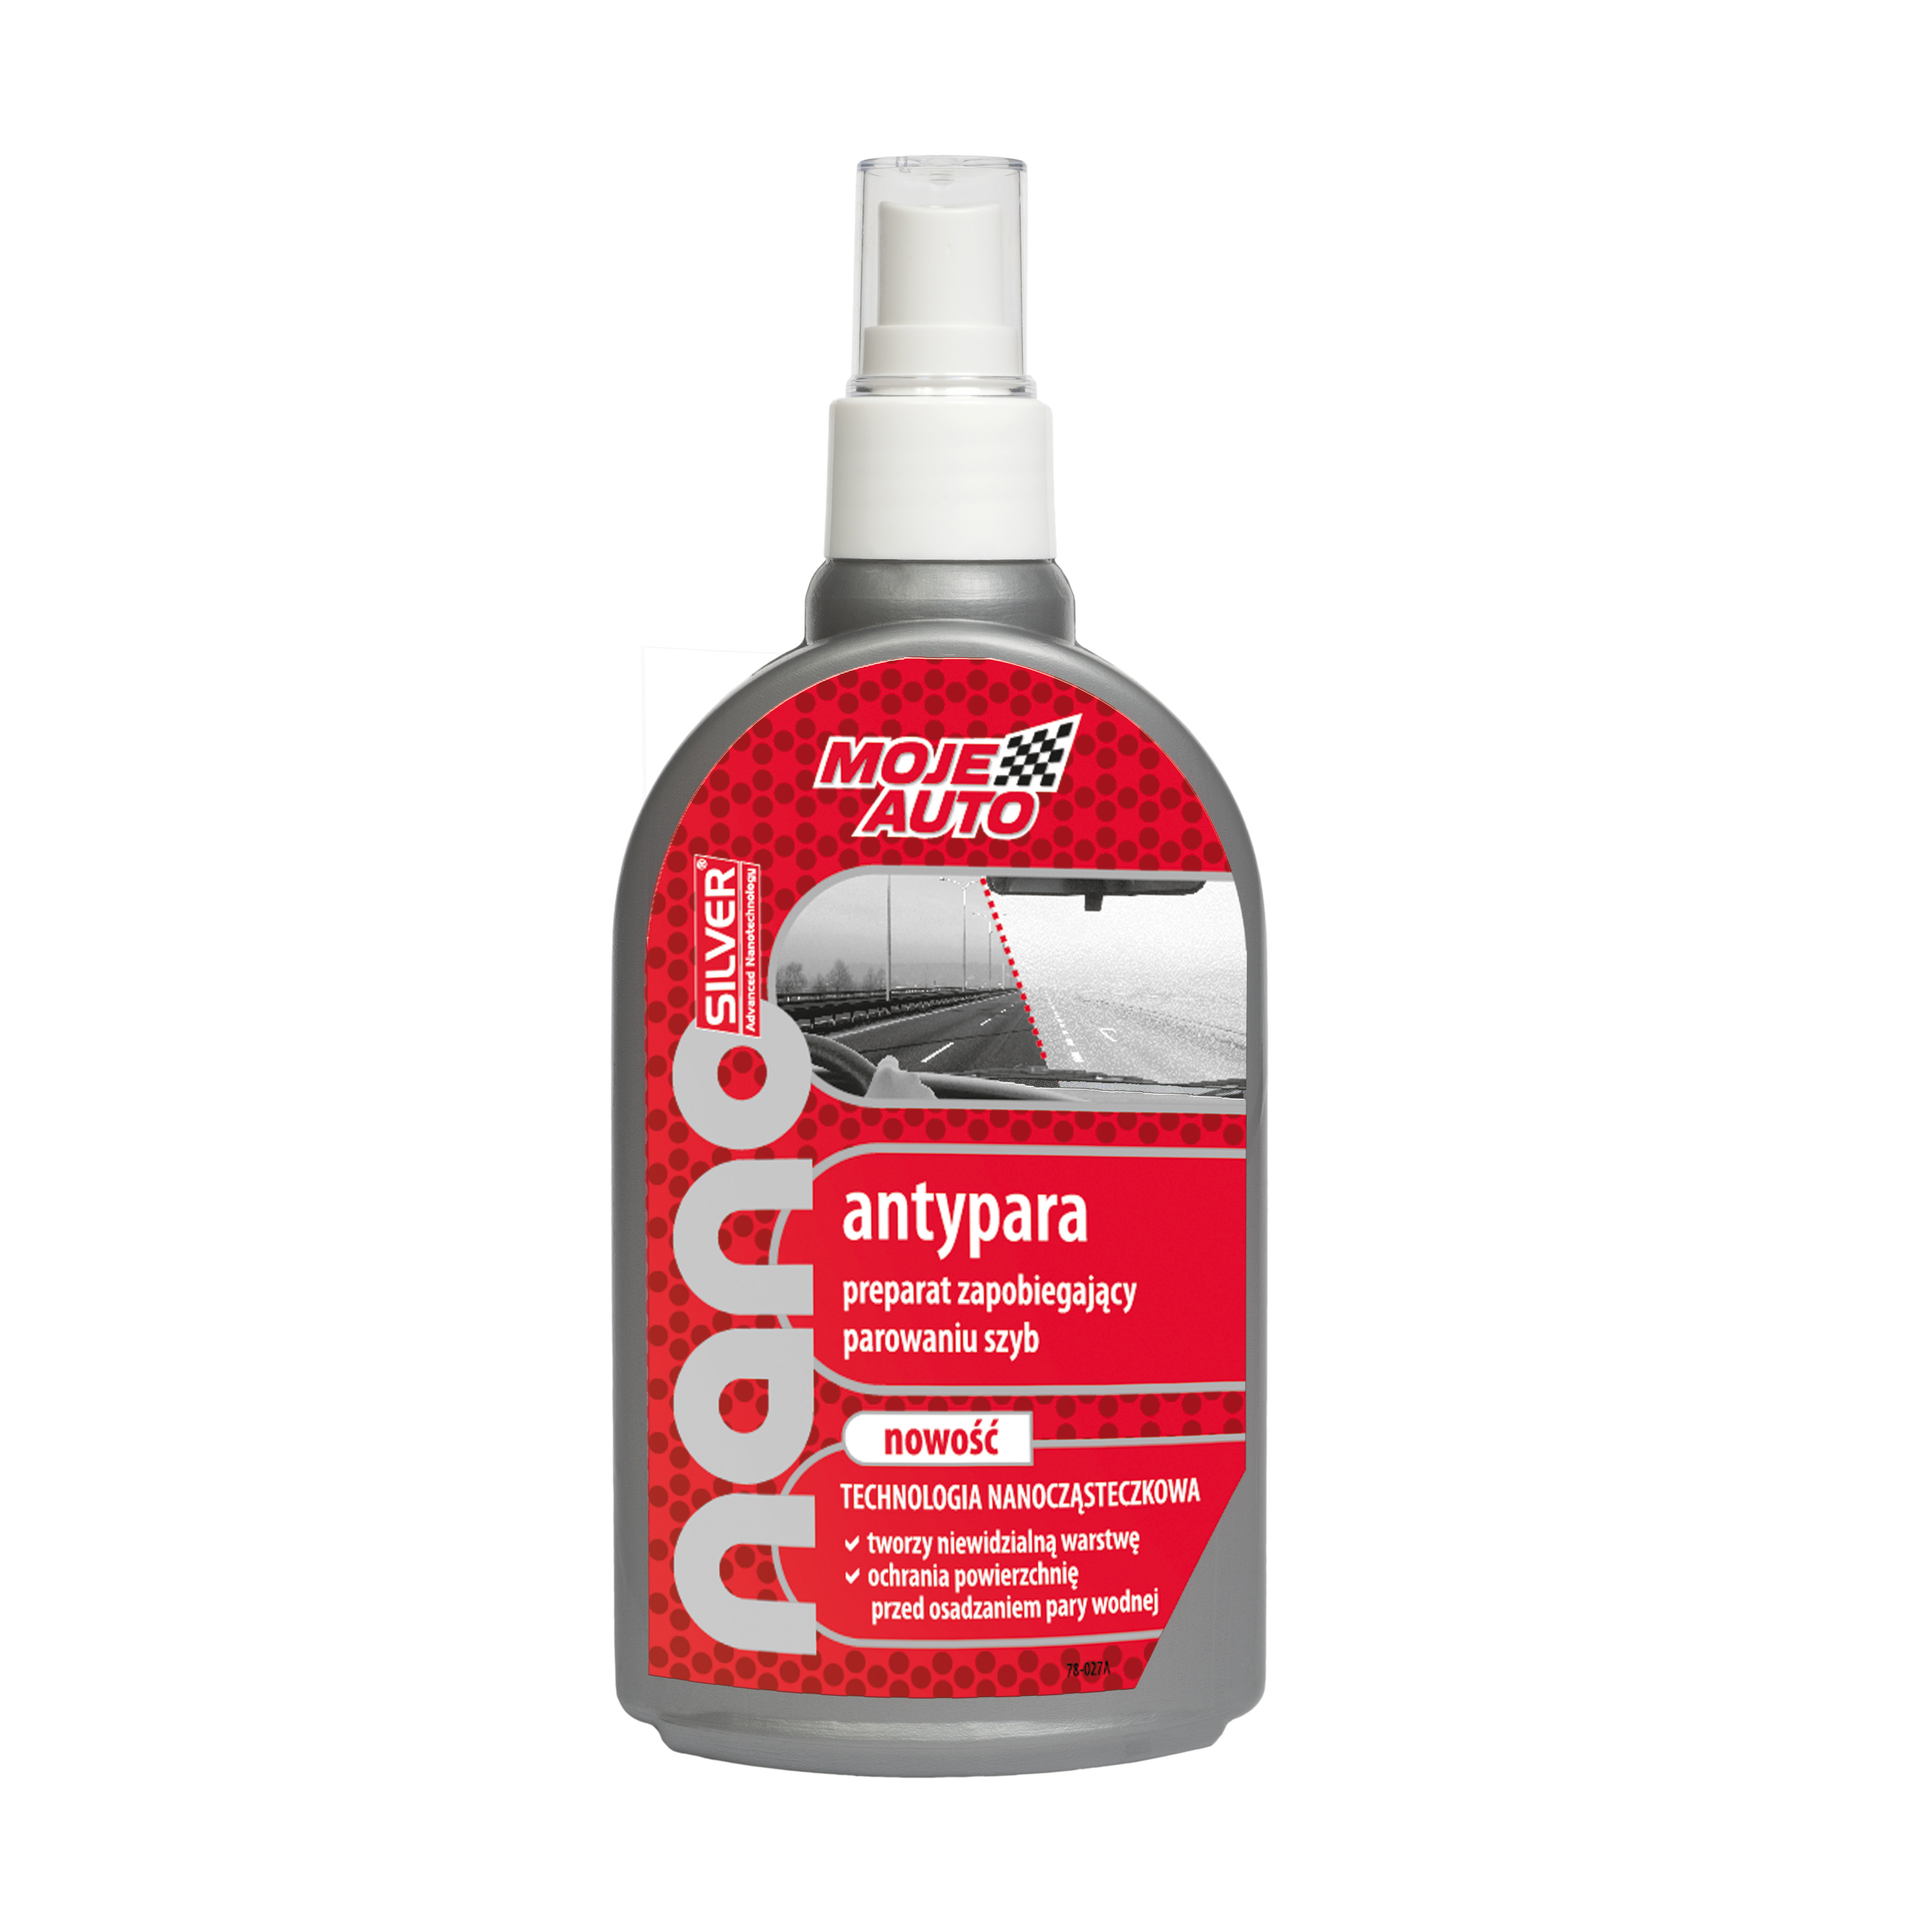 Antypara – preparat zapobiegający parowaniu szyb - 19-521